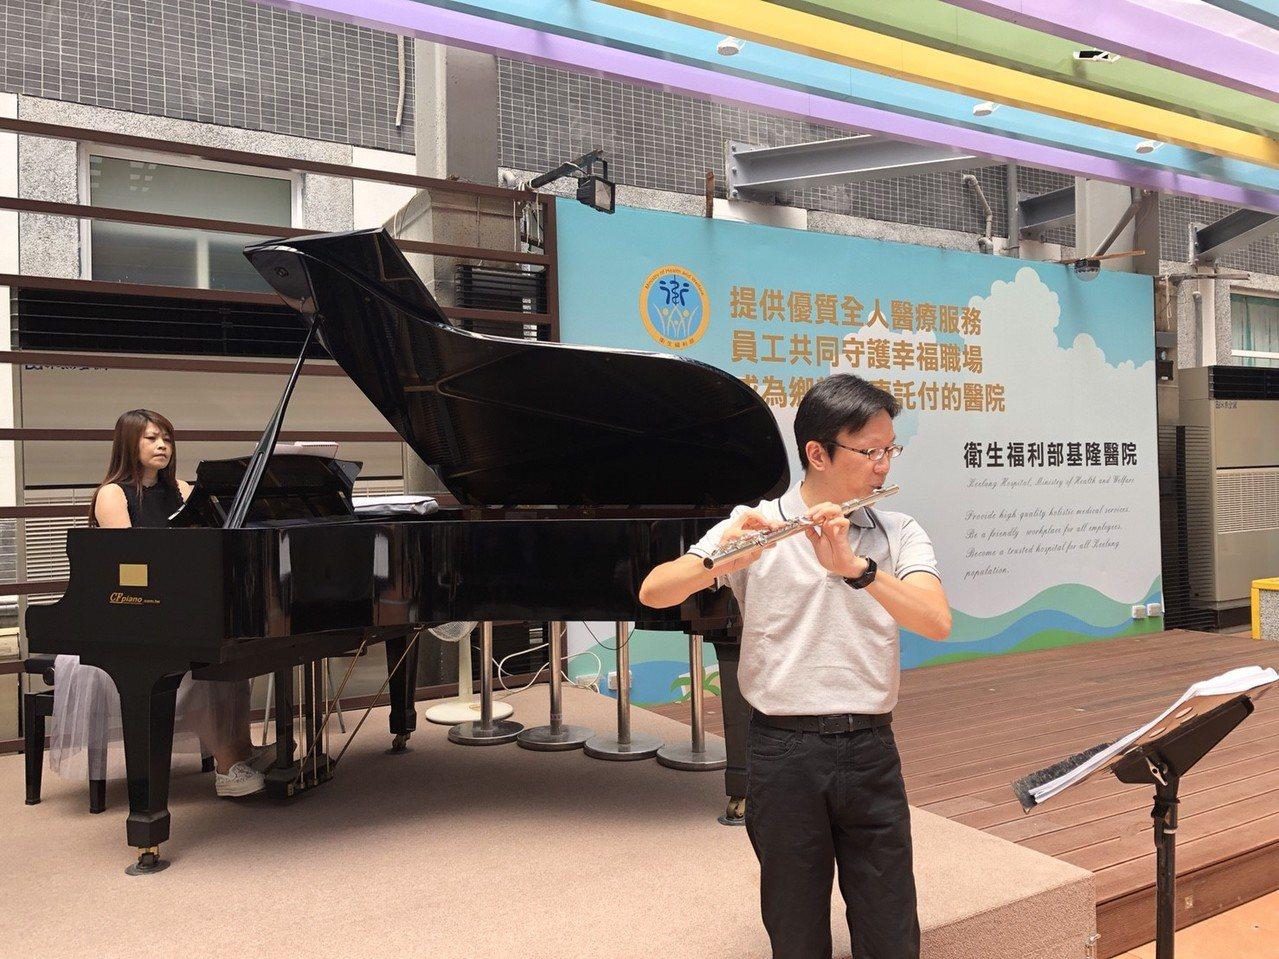 郭楠興夫婦說,他們平常都是音樂老師,希望藉演奏讓就醫民眾緊繃的情緒獲得一絲絲的紓...